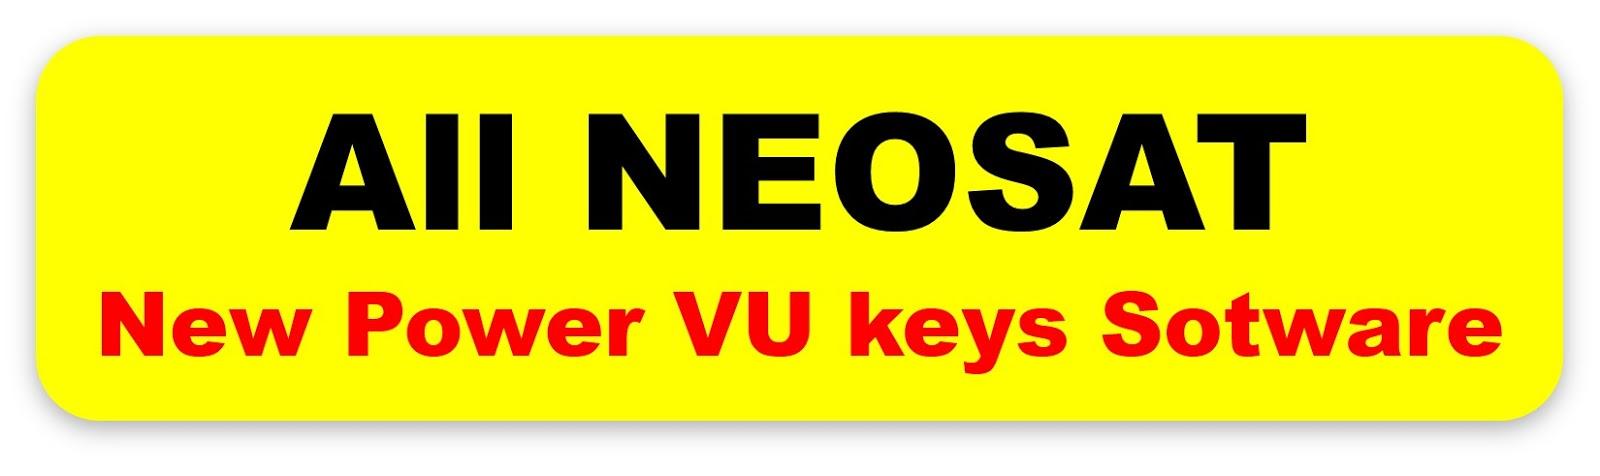 All Neosat HD Receivers New Power VU Keys Softwar in one